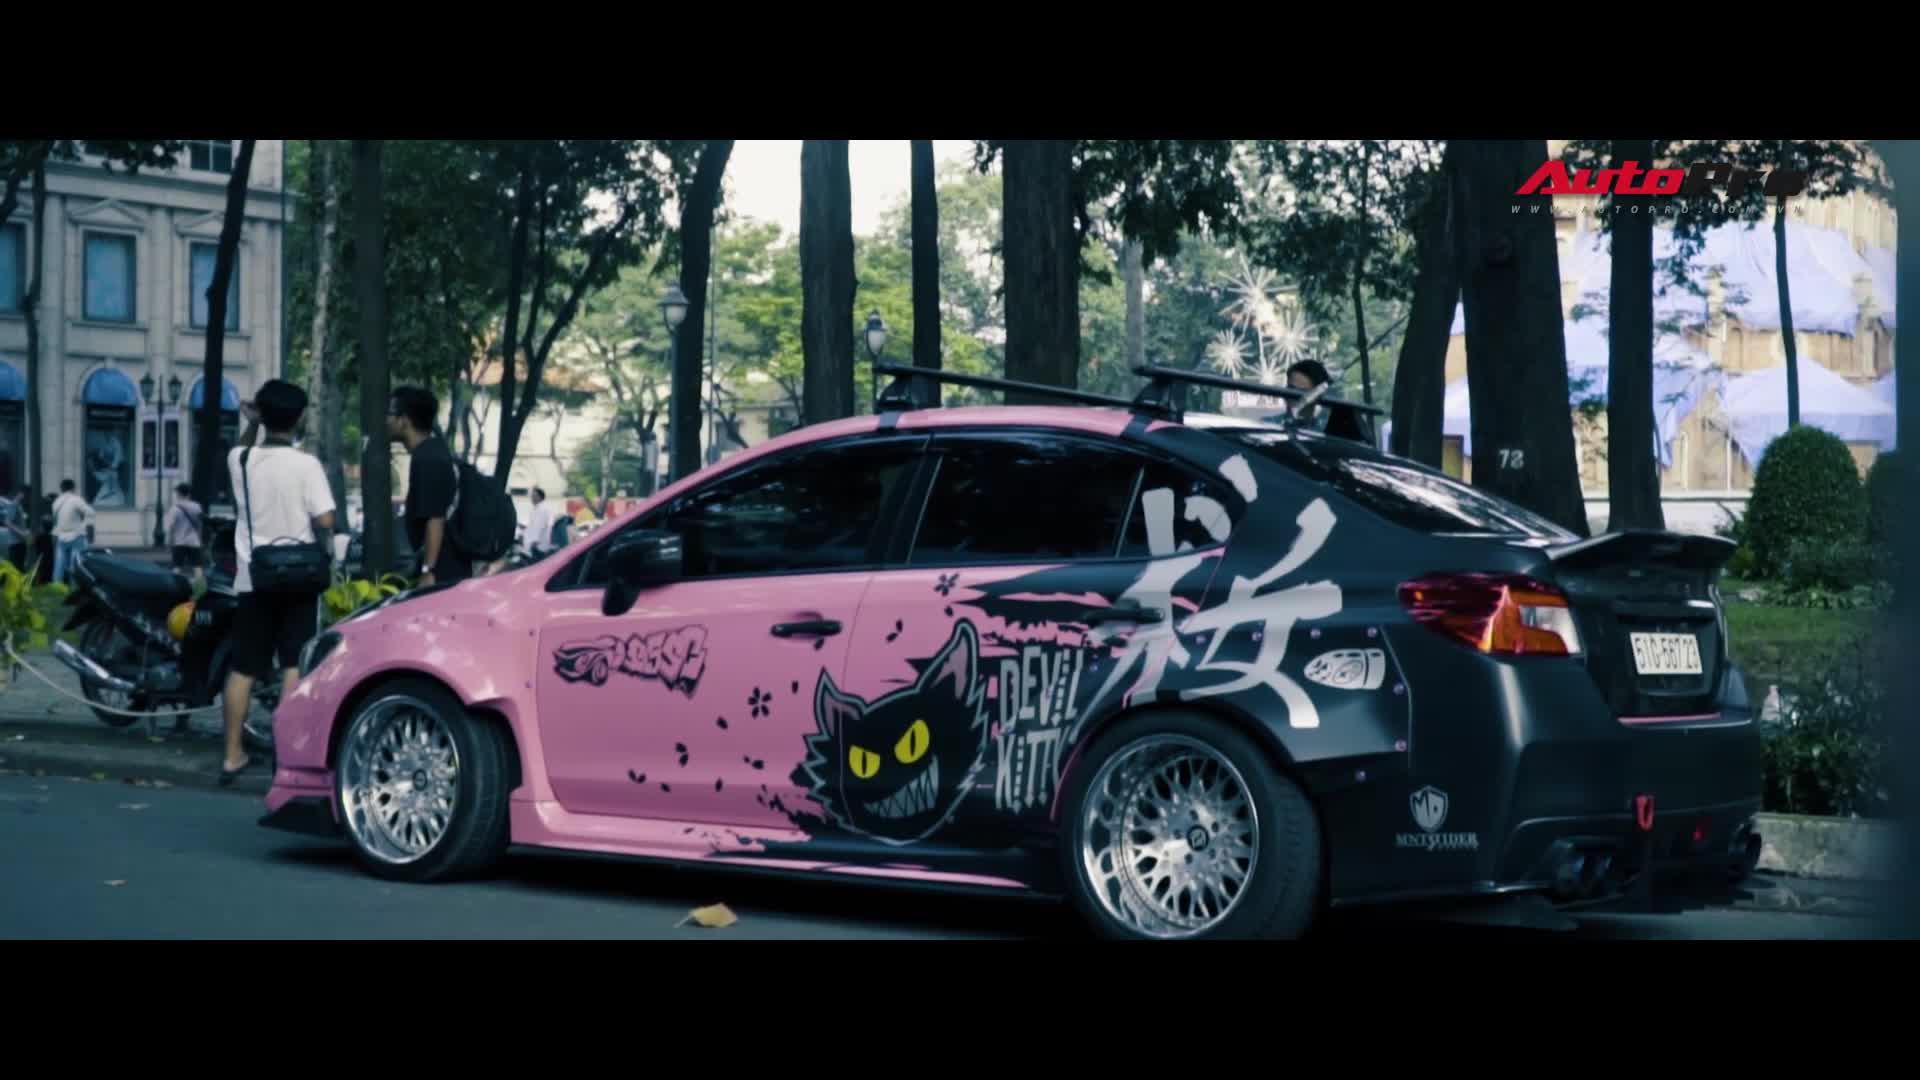 Khám phá Subaru WRX STi độ thân rộng với nhiều hàng độc của dân chơi Sài Gòn